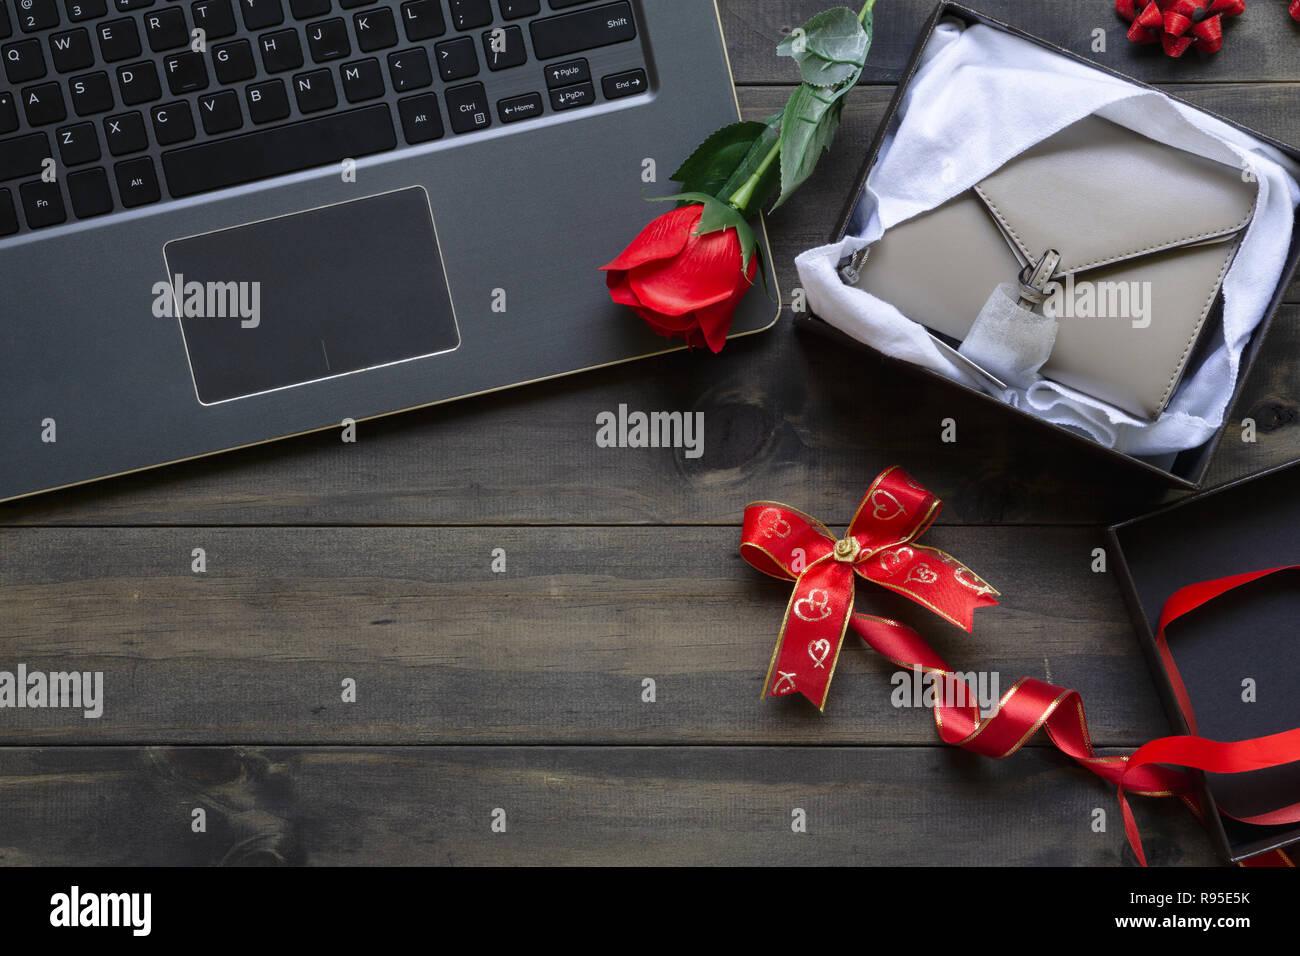 5543adde6 Comprar a través de internet Tiendas de regalos de San Valentín concepto.  Portátil con nueva